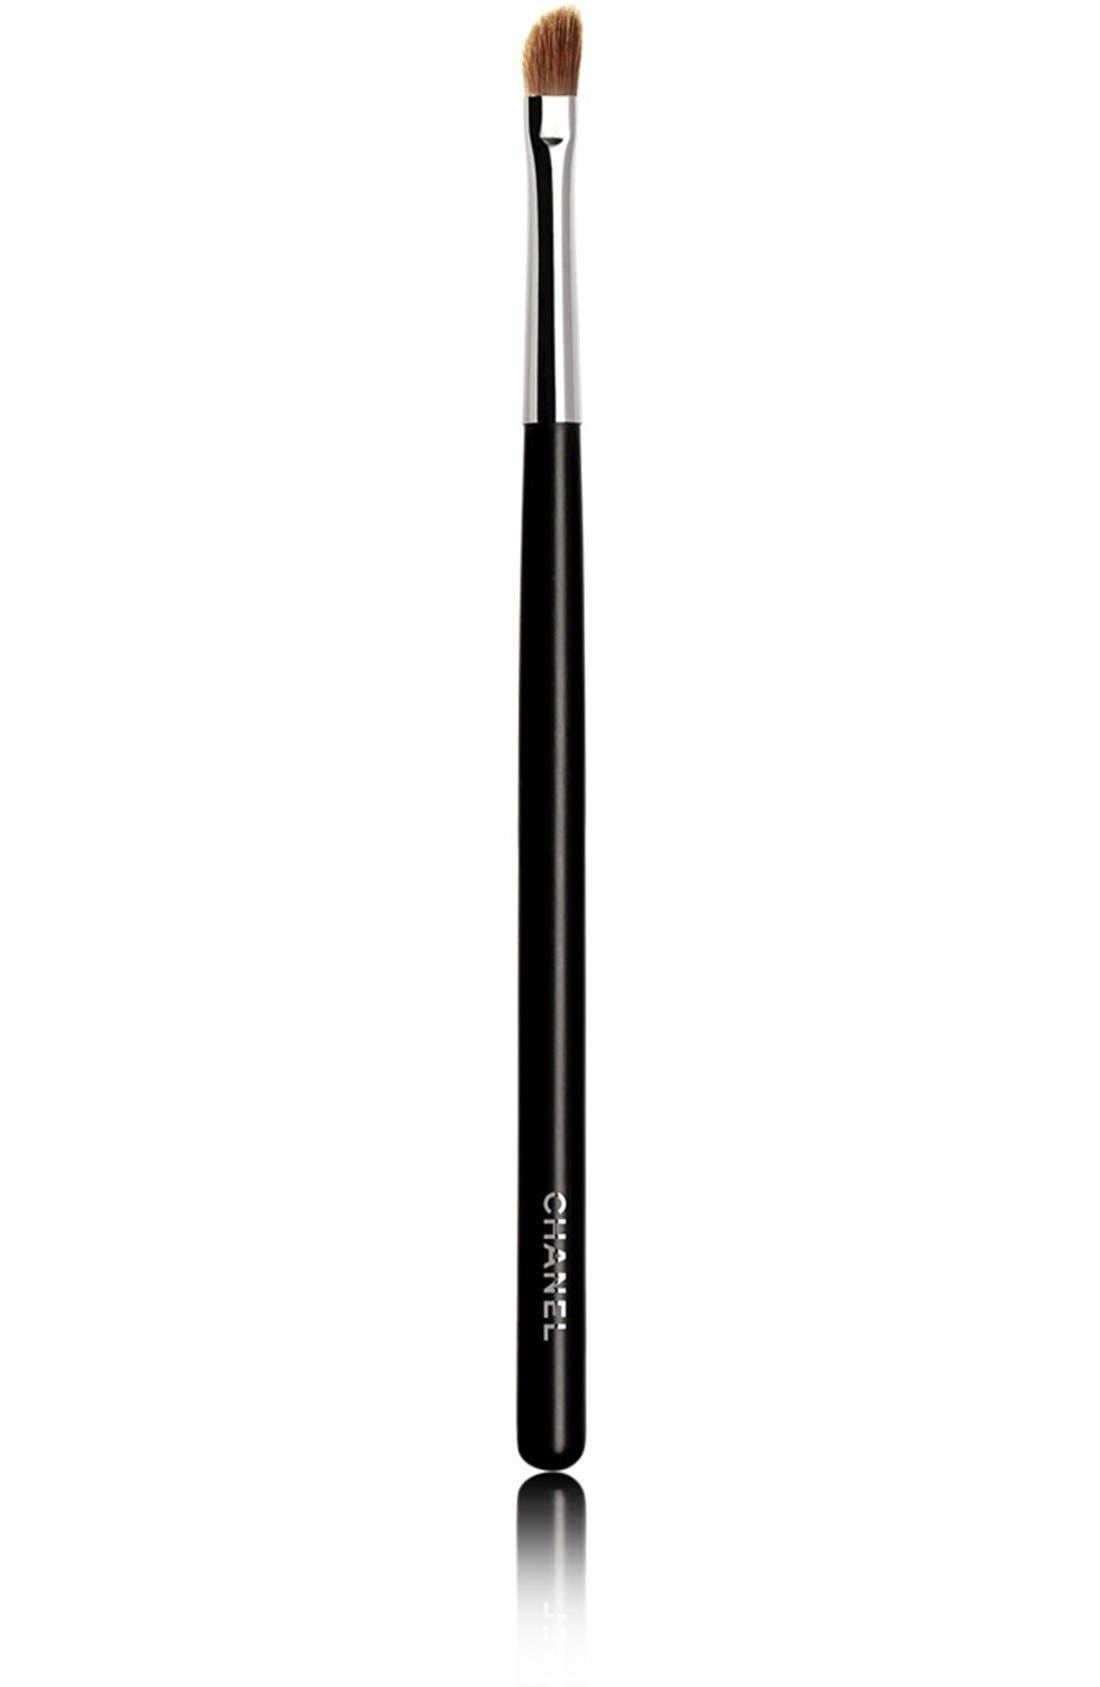 CHANEL,                             PINCEAU LÈVRES BISEAUTÉ Angled Lip Brush #33,                             Main thumbnail 1, color,                             000